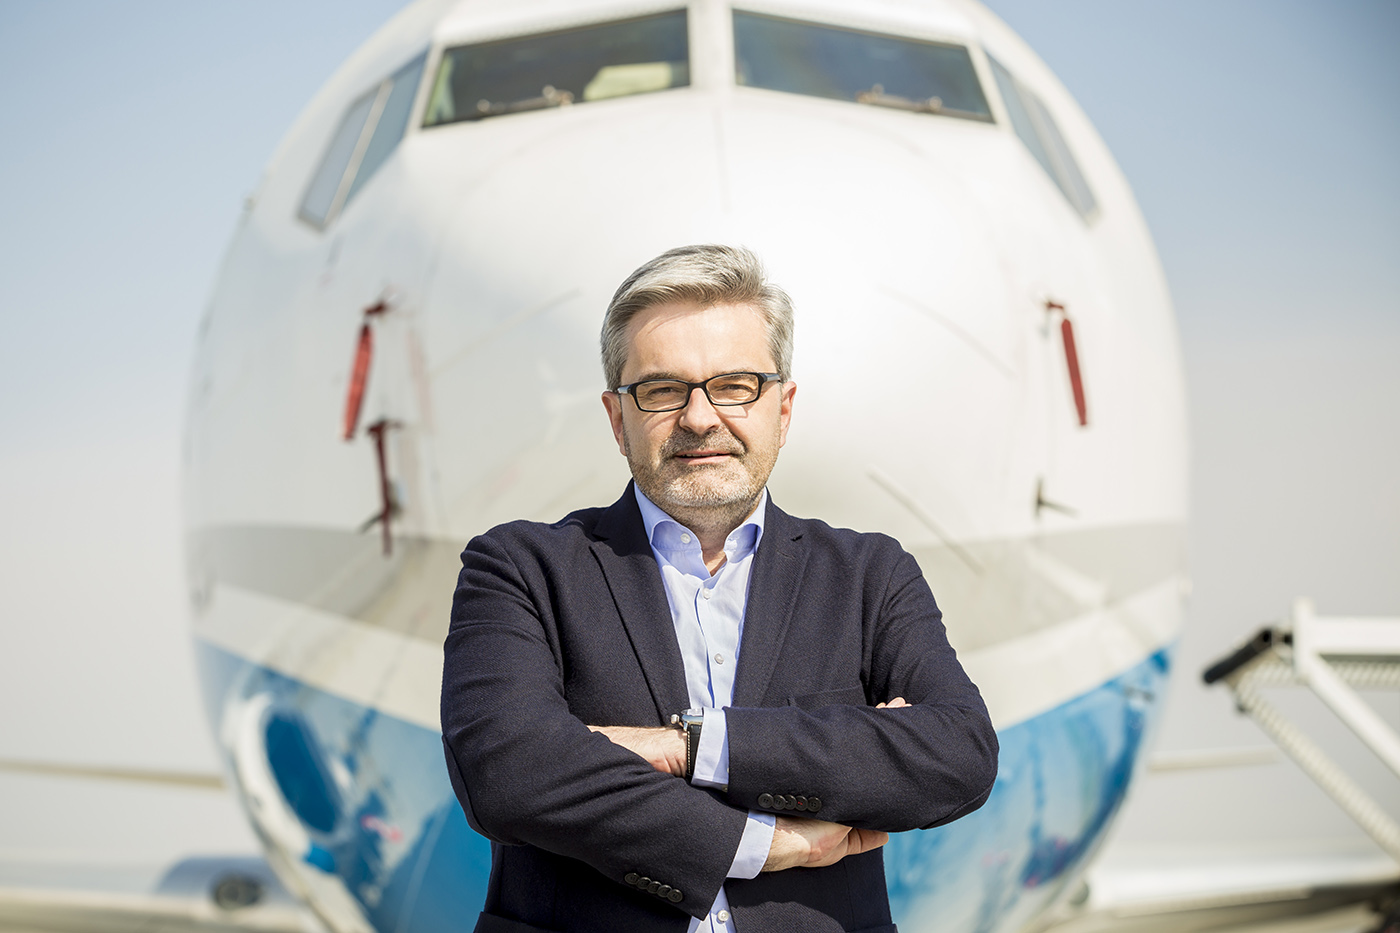 Prezes Górnośląskiego Towarzystwa Lotniczego, zarządzającego Międzynarodowym Portem Lotniczym Katowice w Pyrzowicach, prezes Związku Regionalnych Portów Lotniczych Artur Tomasik.